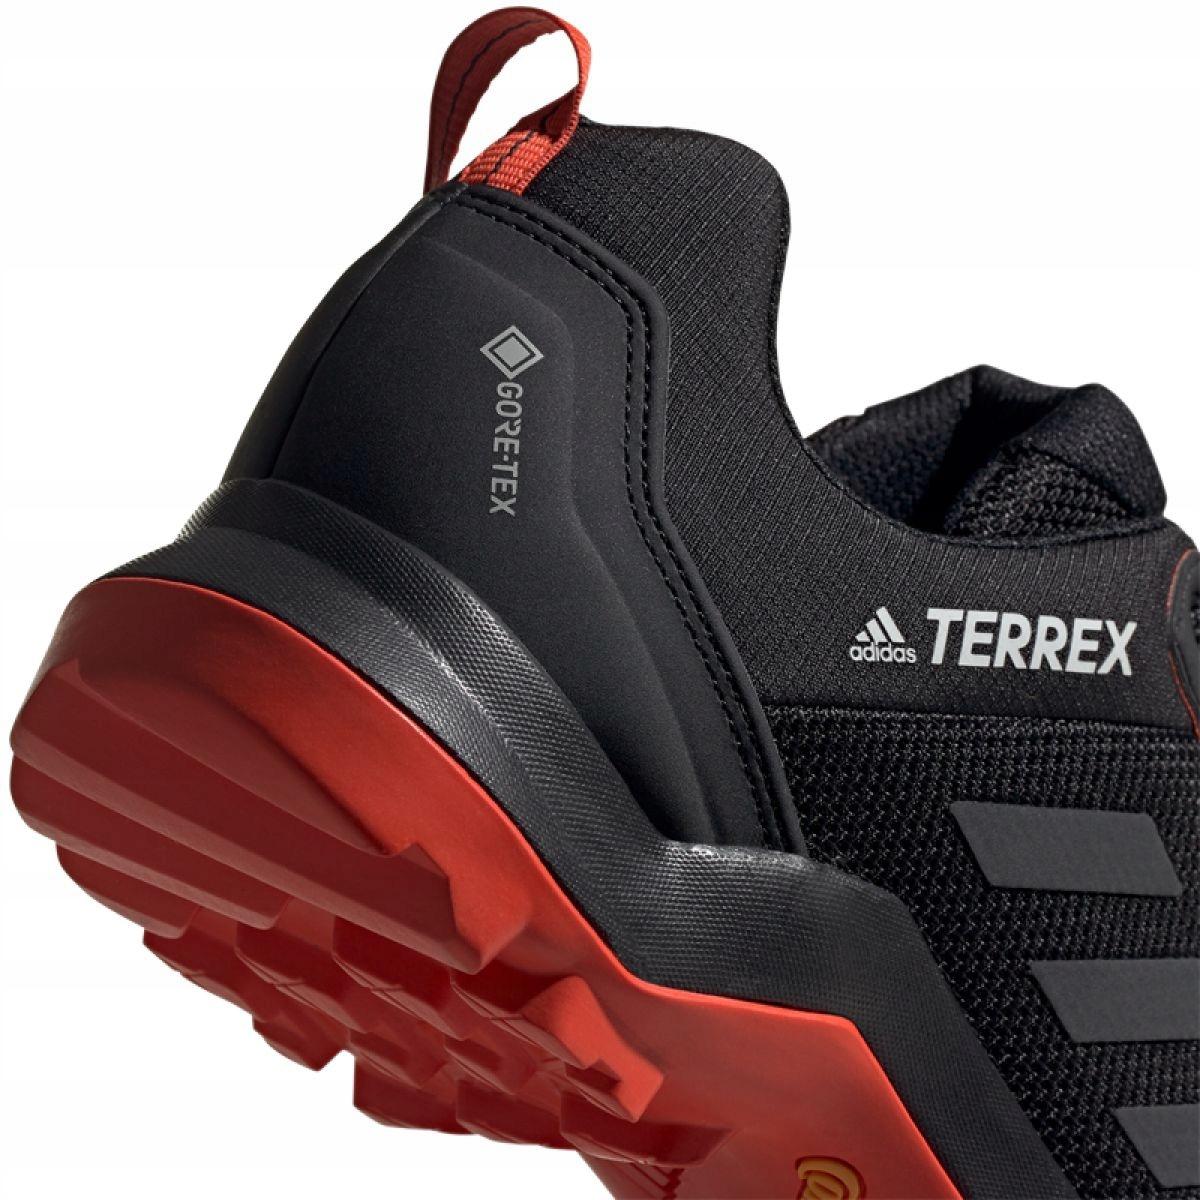 buty na codzień Wielka wyprzedaż klasyczny styl Buty adidas Terrex AX3 Gtx M G26578 czarne